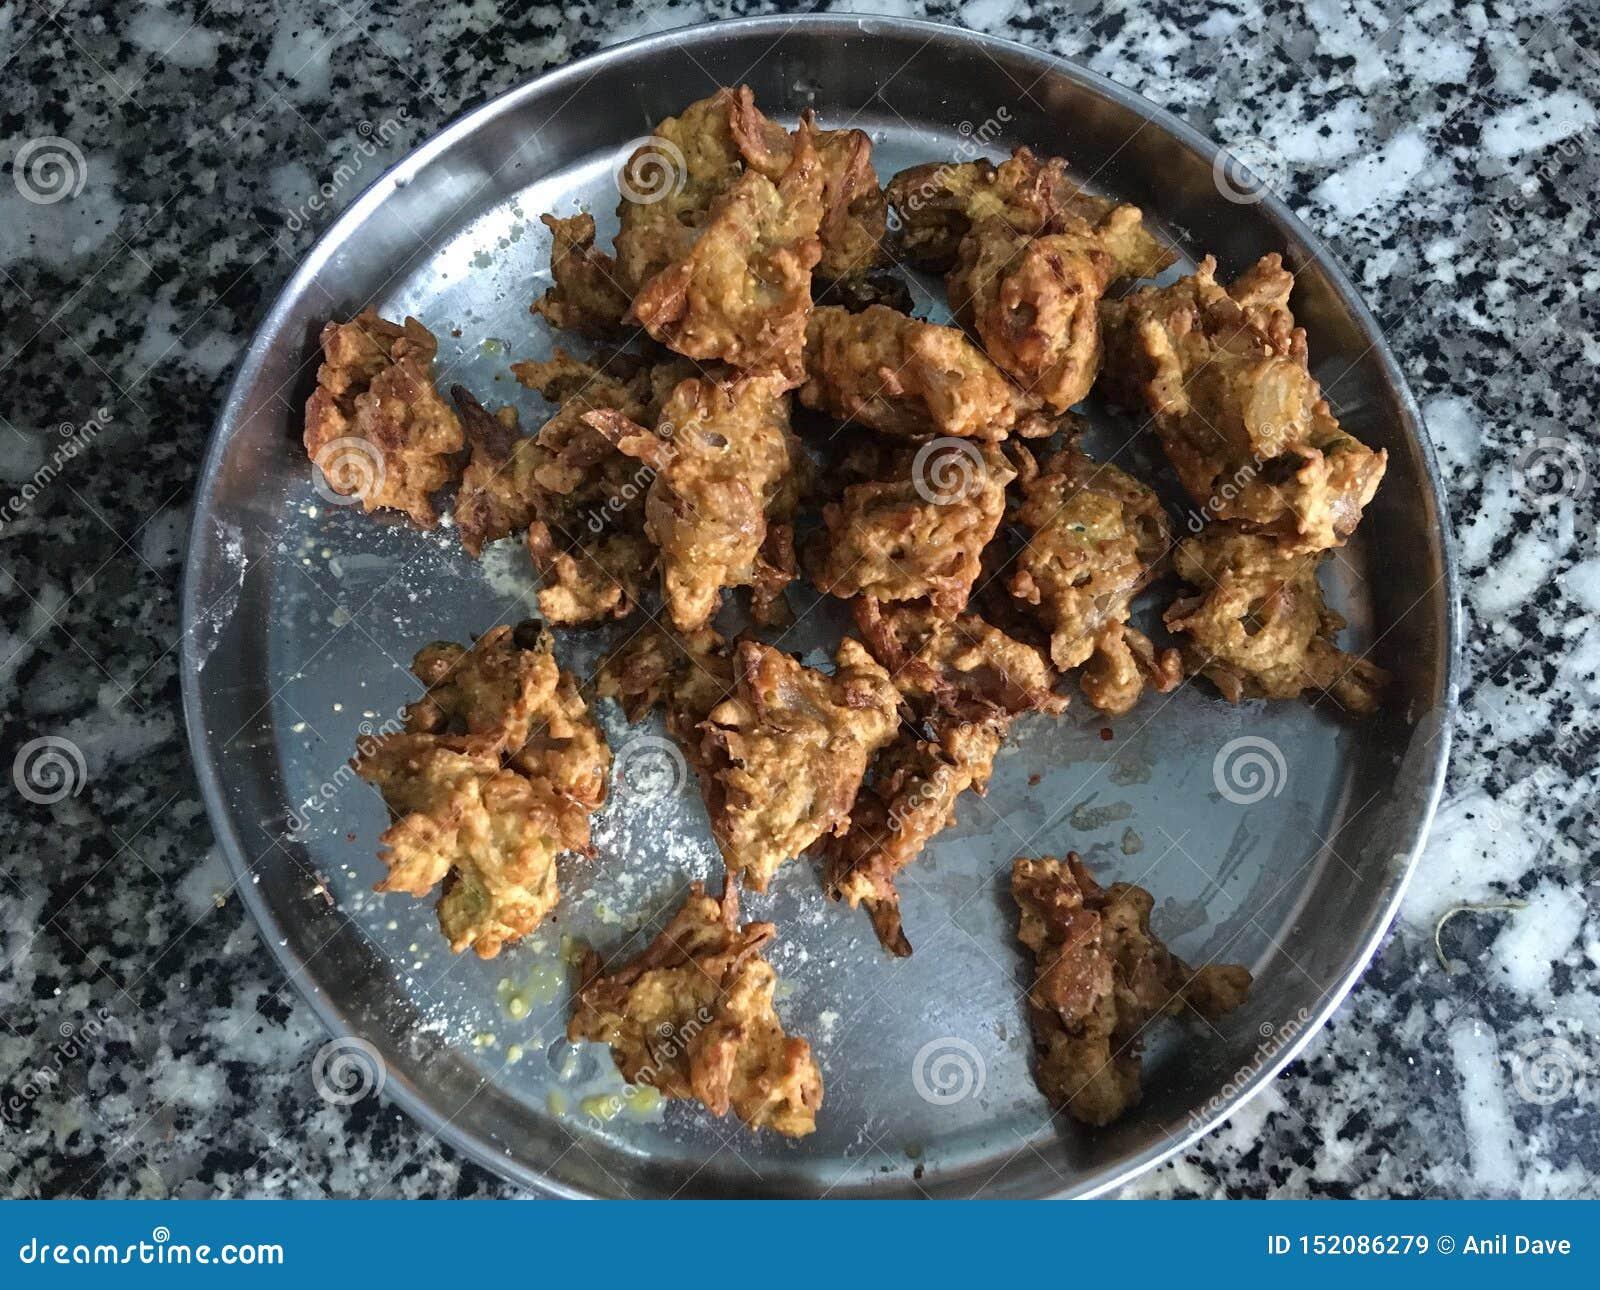 Precis stekte Kanda BhajiOnion Pakora Kalyan Maharahtra INDIEN